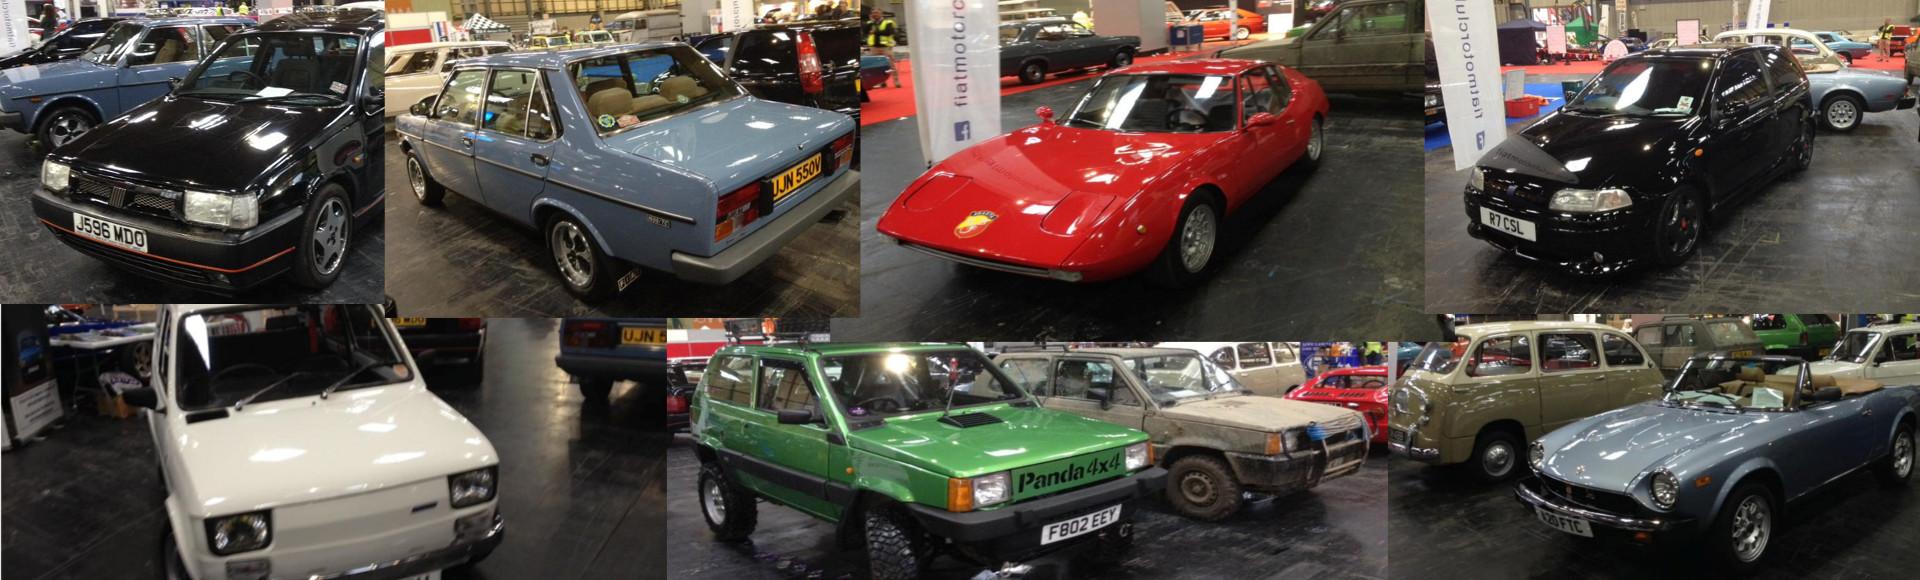 2017 Lancaster Insurance Classic Car Show